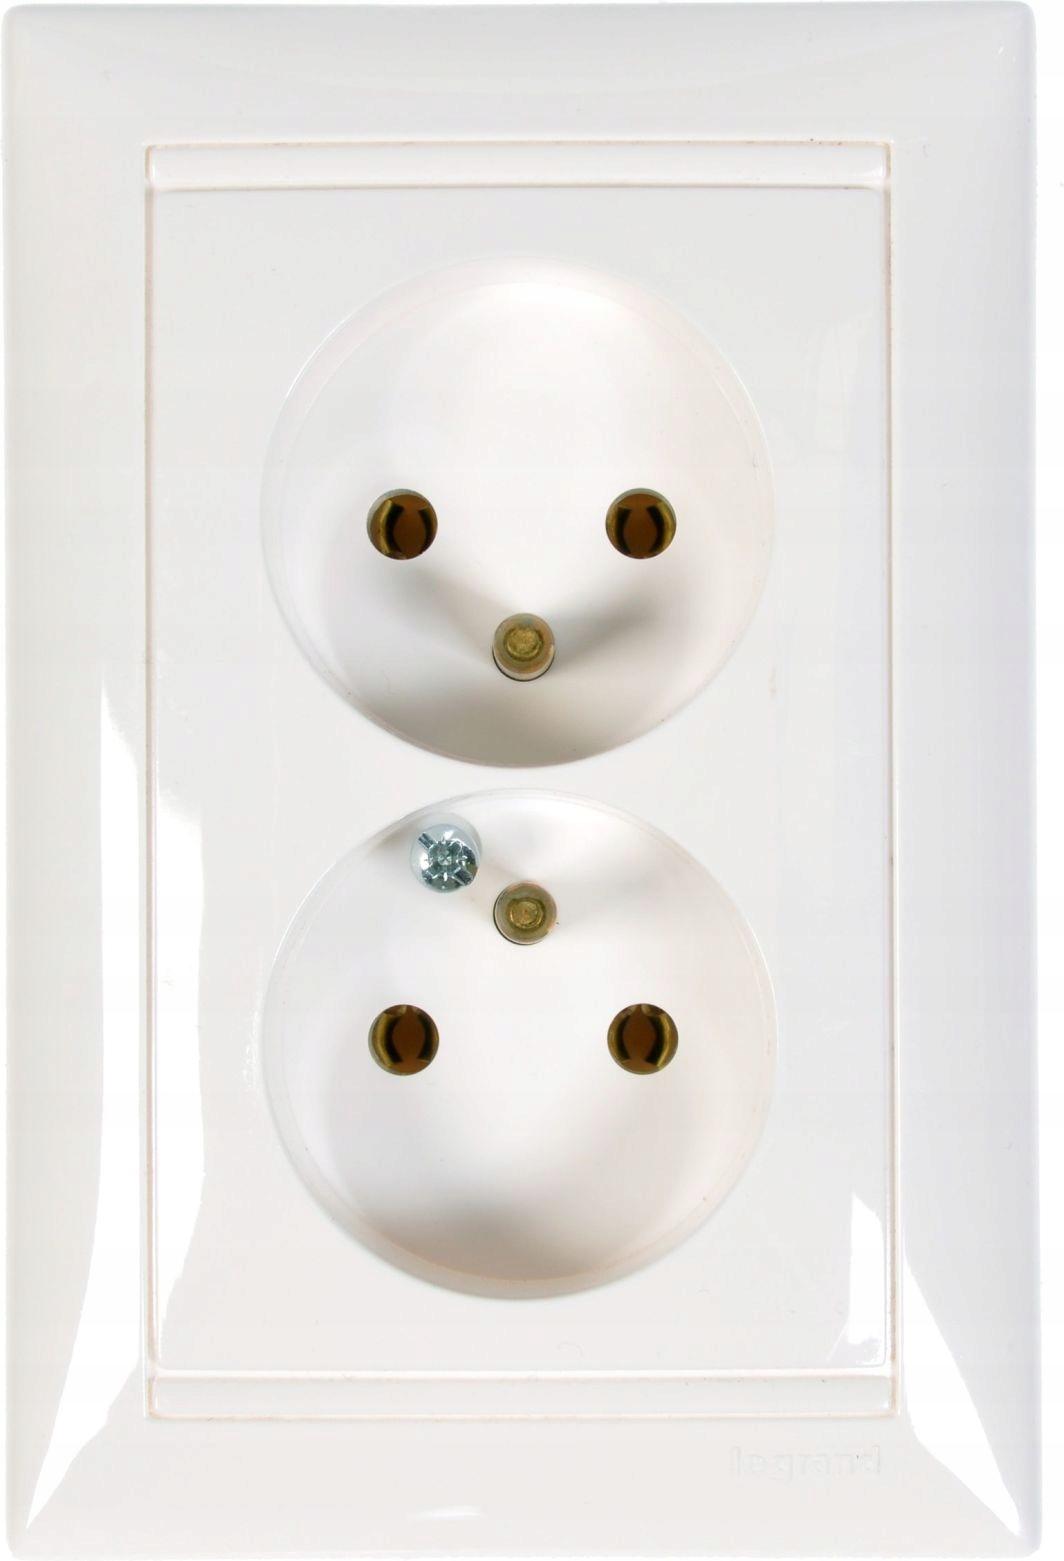 Dvojitá zásuvka Legrand Valena 2x2p + s bielym